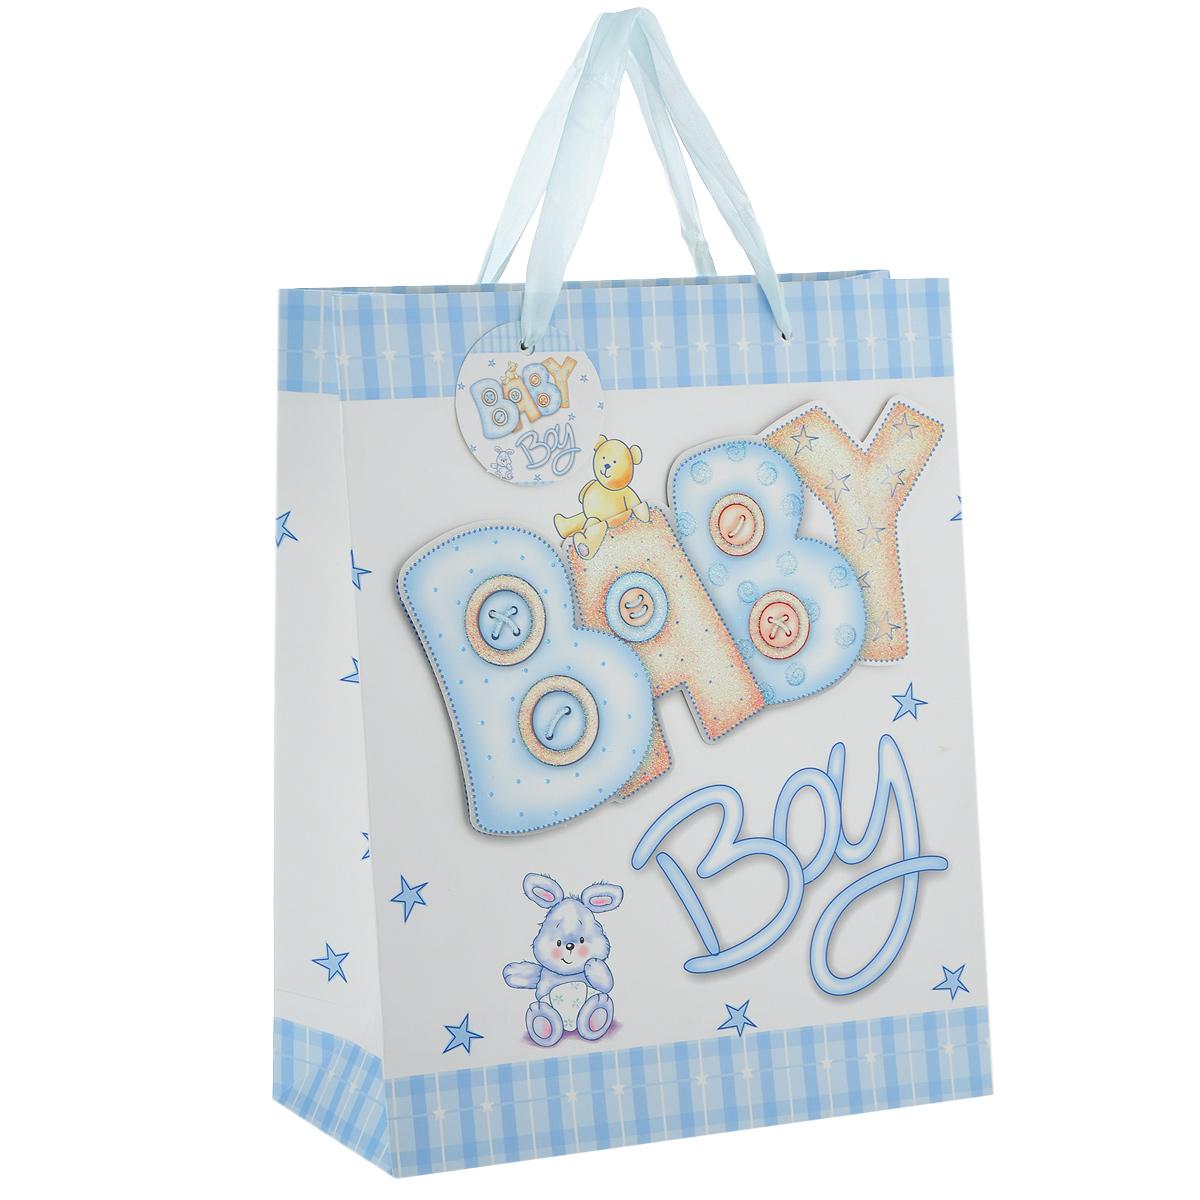 Пакет подарочный Малыш, цвет: голубой, 26 см х 10 см х 32 см1061-SB Пакет МалышДизайнерский подарочный пакет Малыш выполнен из плотной бумаги и оформлен аппликацией в виде надписи Baby Boy, покрытой сверкающими блестками. Дно изделия укреплено плотным картоном, который позволяет сохранить форму пакета и исключает возможность деформации дна под тяжестью подарка. Для удобной переноски имеются две атласные ручки. Подарок, преподнесенный в оригинальной упаковке, всегда будет самым эффектным и запоминающимся. Окружите близких людей вниманием и заботой, вручив презент в нарядном праздничном оформлении.